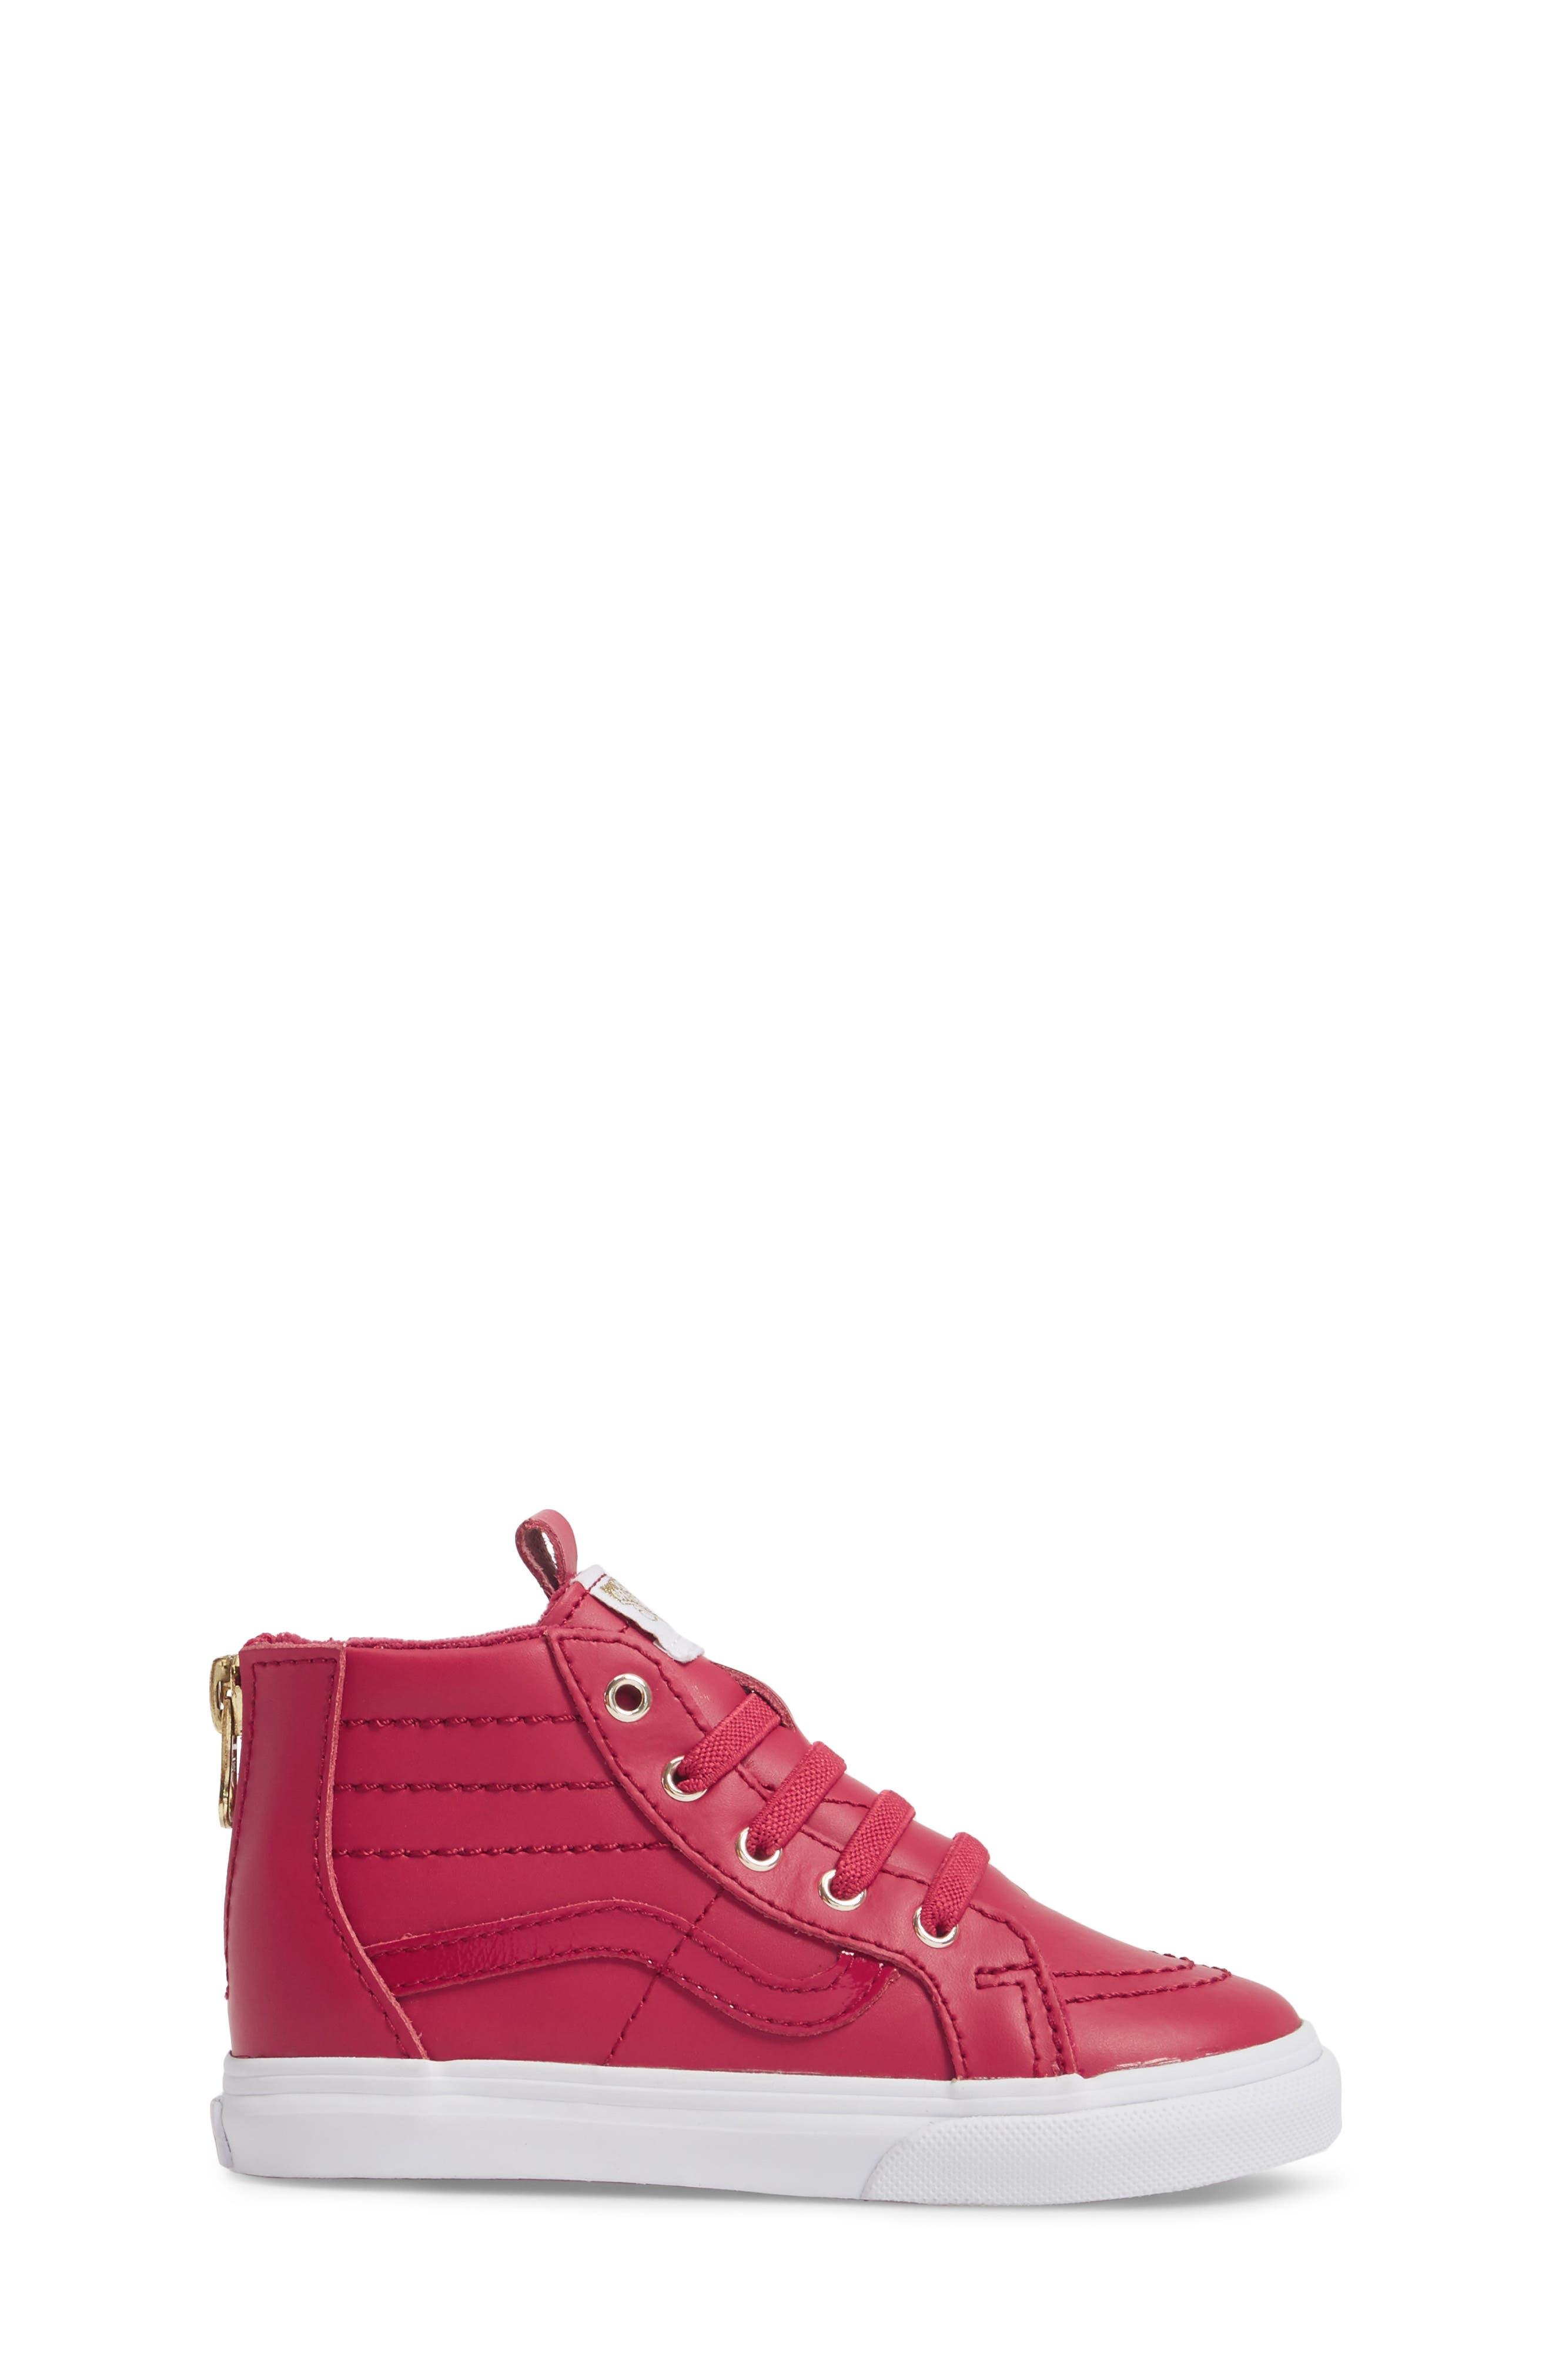 SK8-Hi Zip Sneaker,                             Alternate thumbnail 3, color,                             610